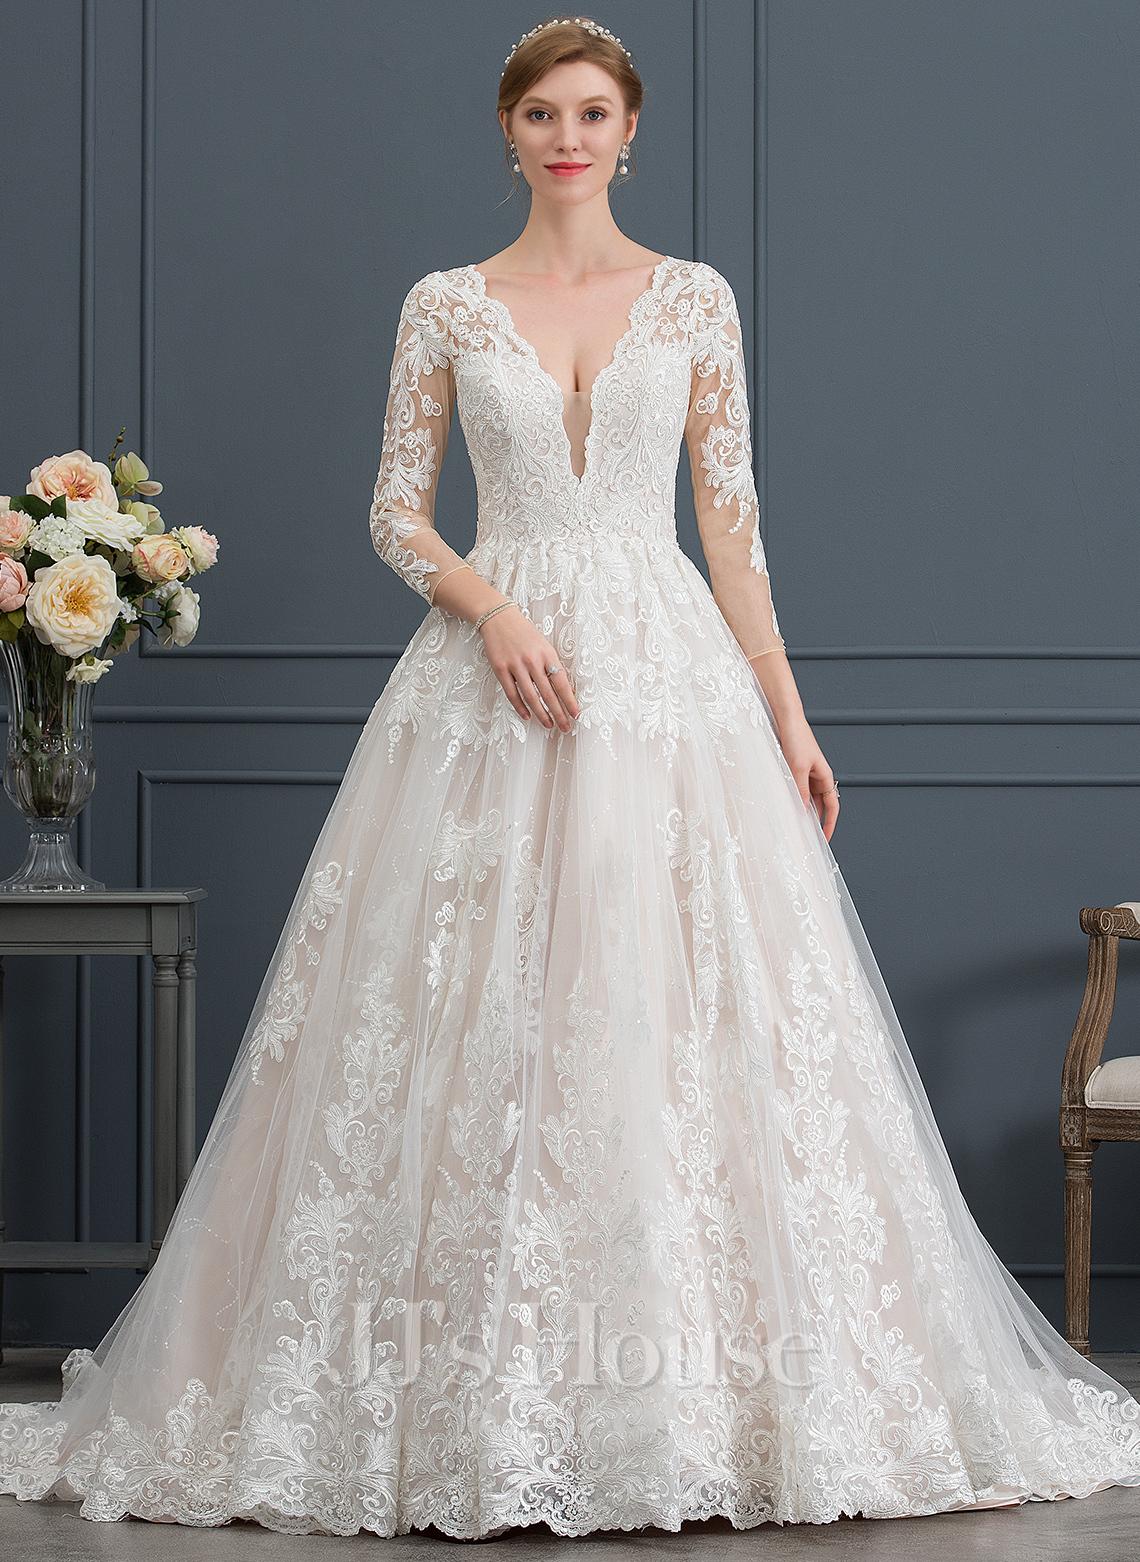 Платье для Балла/Принцесса V-образный Церковный шлейф Тюль Свадебные Платье